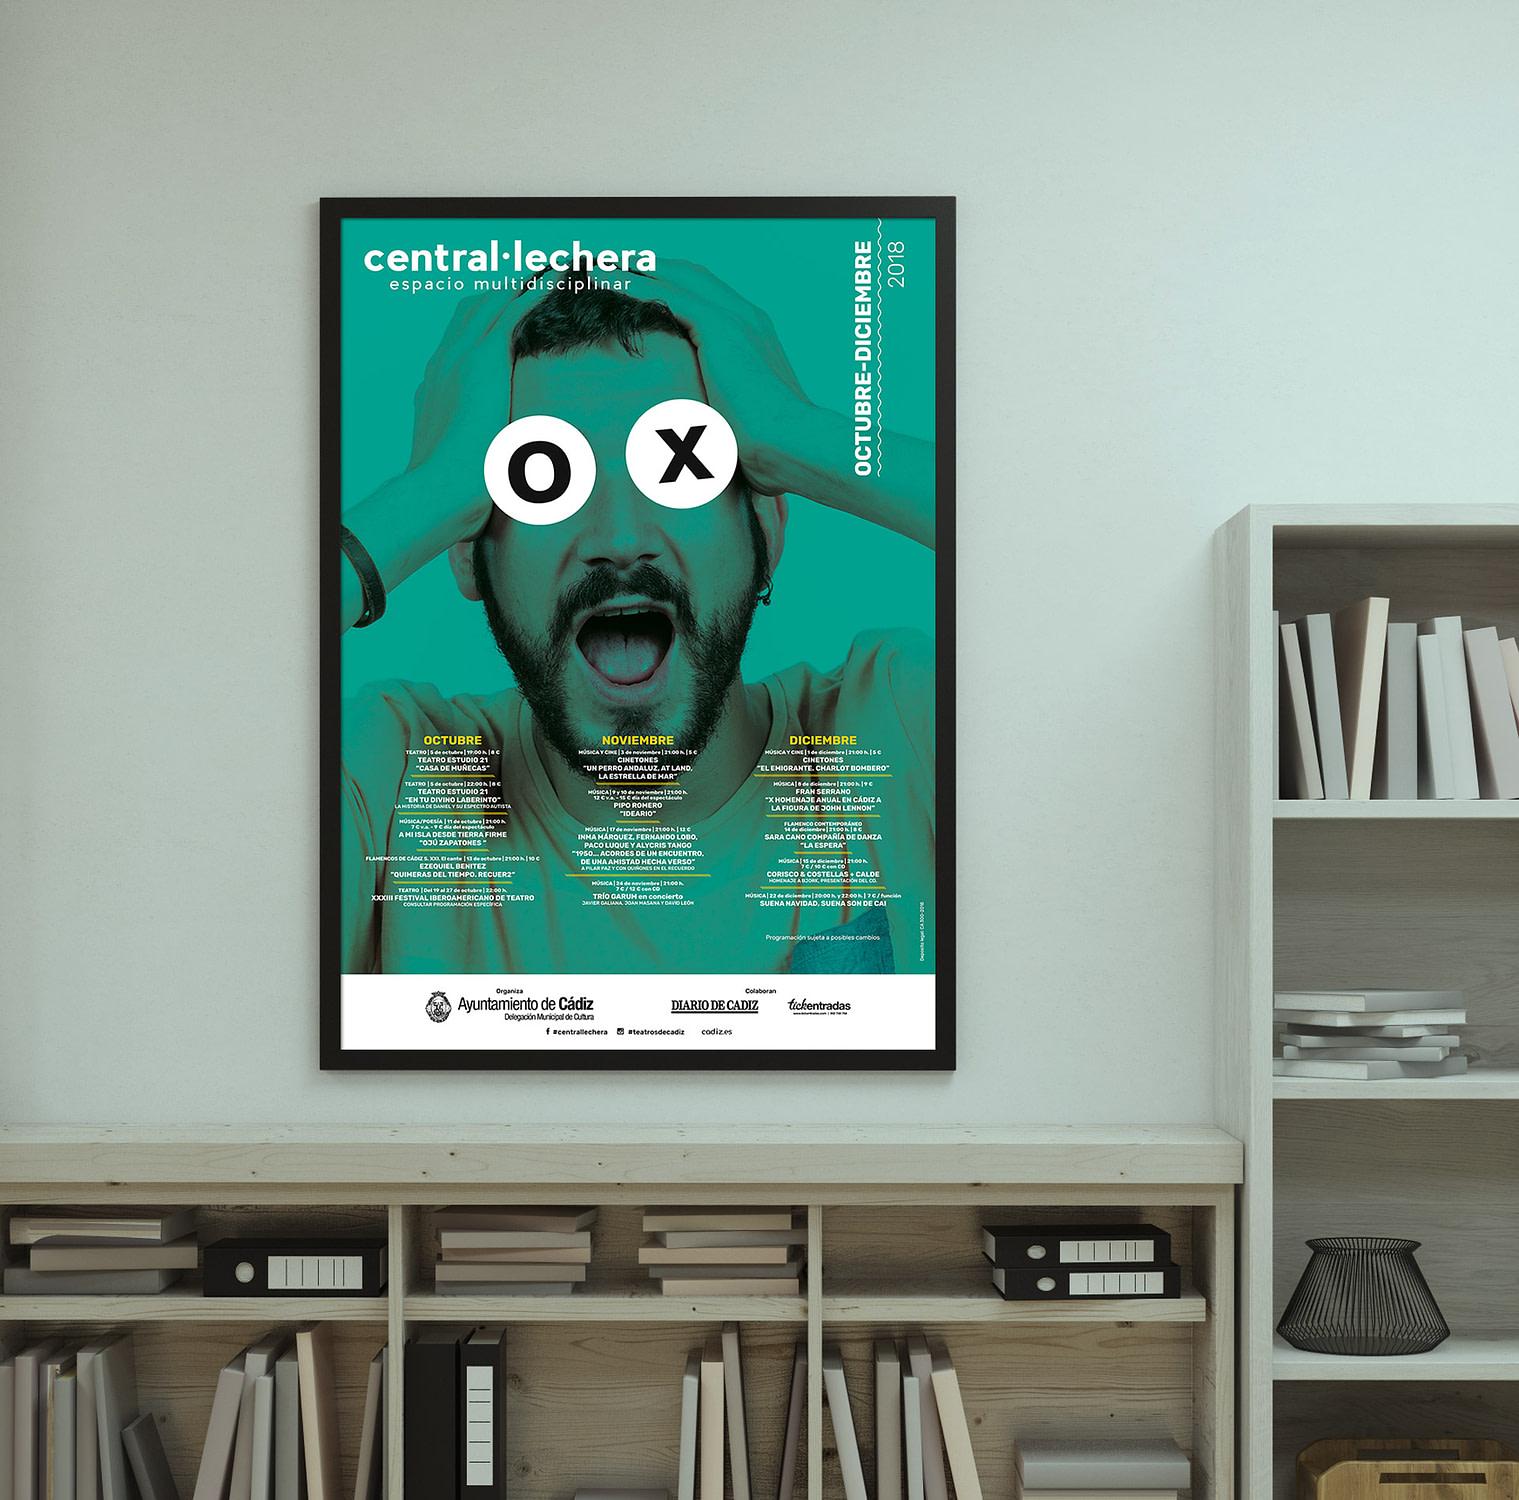 Cartel -campaña de publicidad - Sala Central Lechera (Octubre - Diciembre 2018)